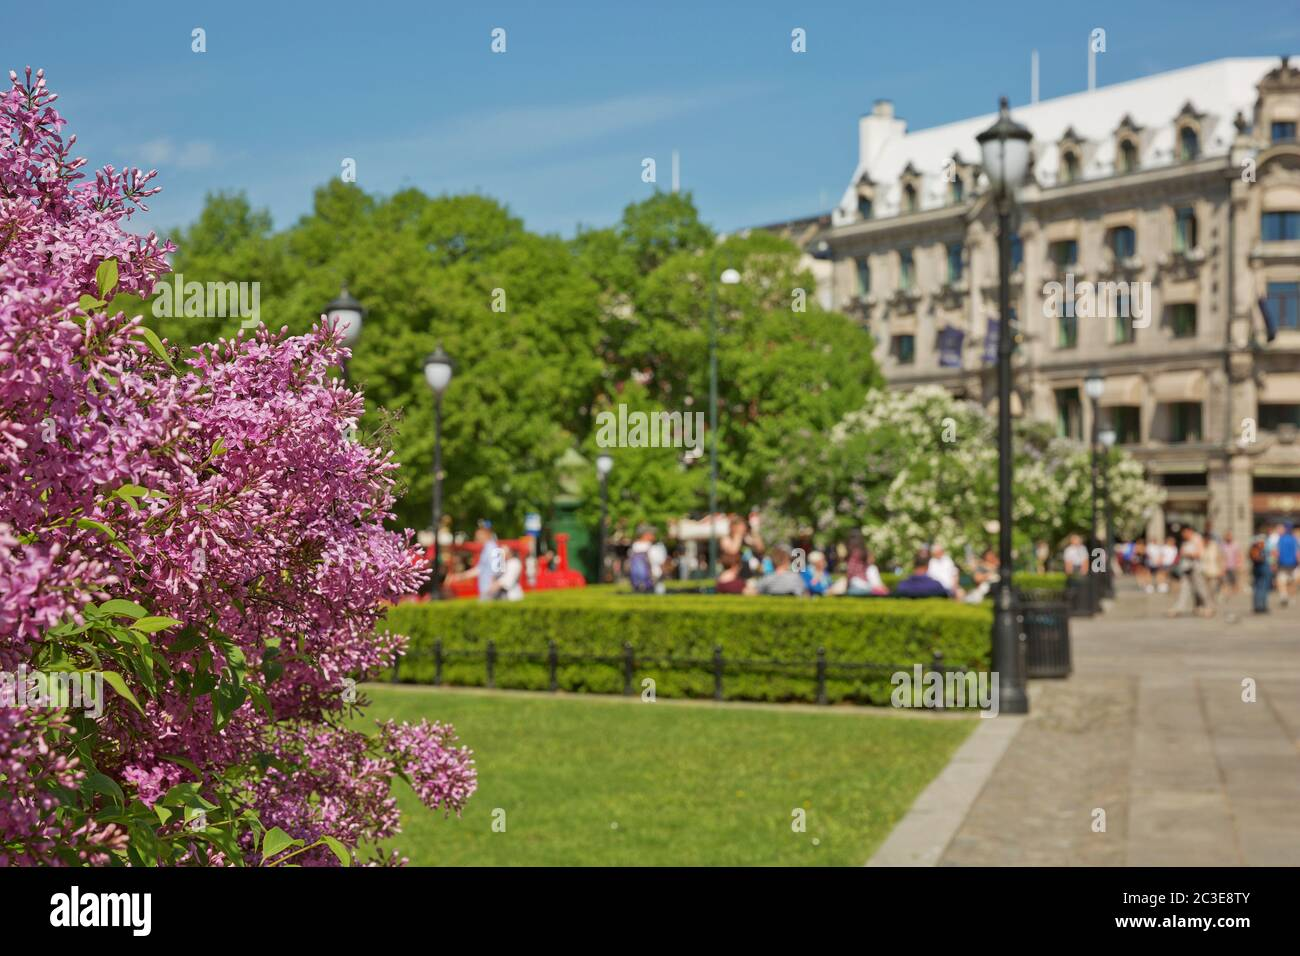 Fleurs et personnes en pleine floraison en profitant de la journée d'été ensoleillée au parc d'Oslo, Norvège Banque D'Images